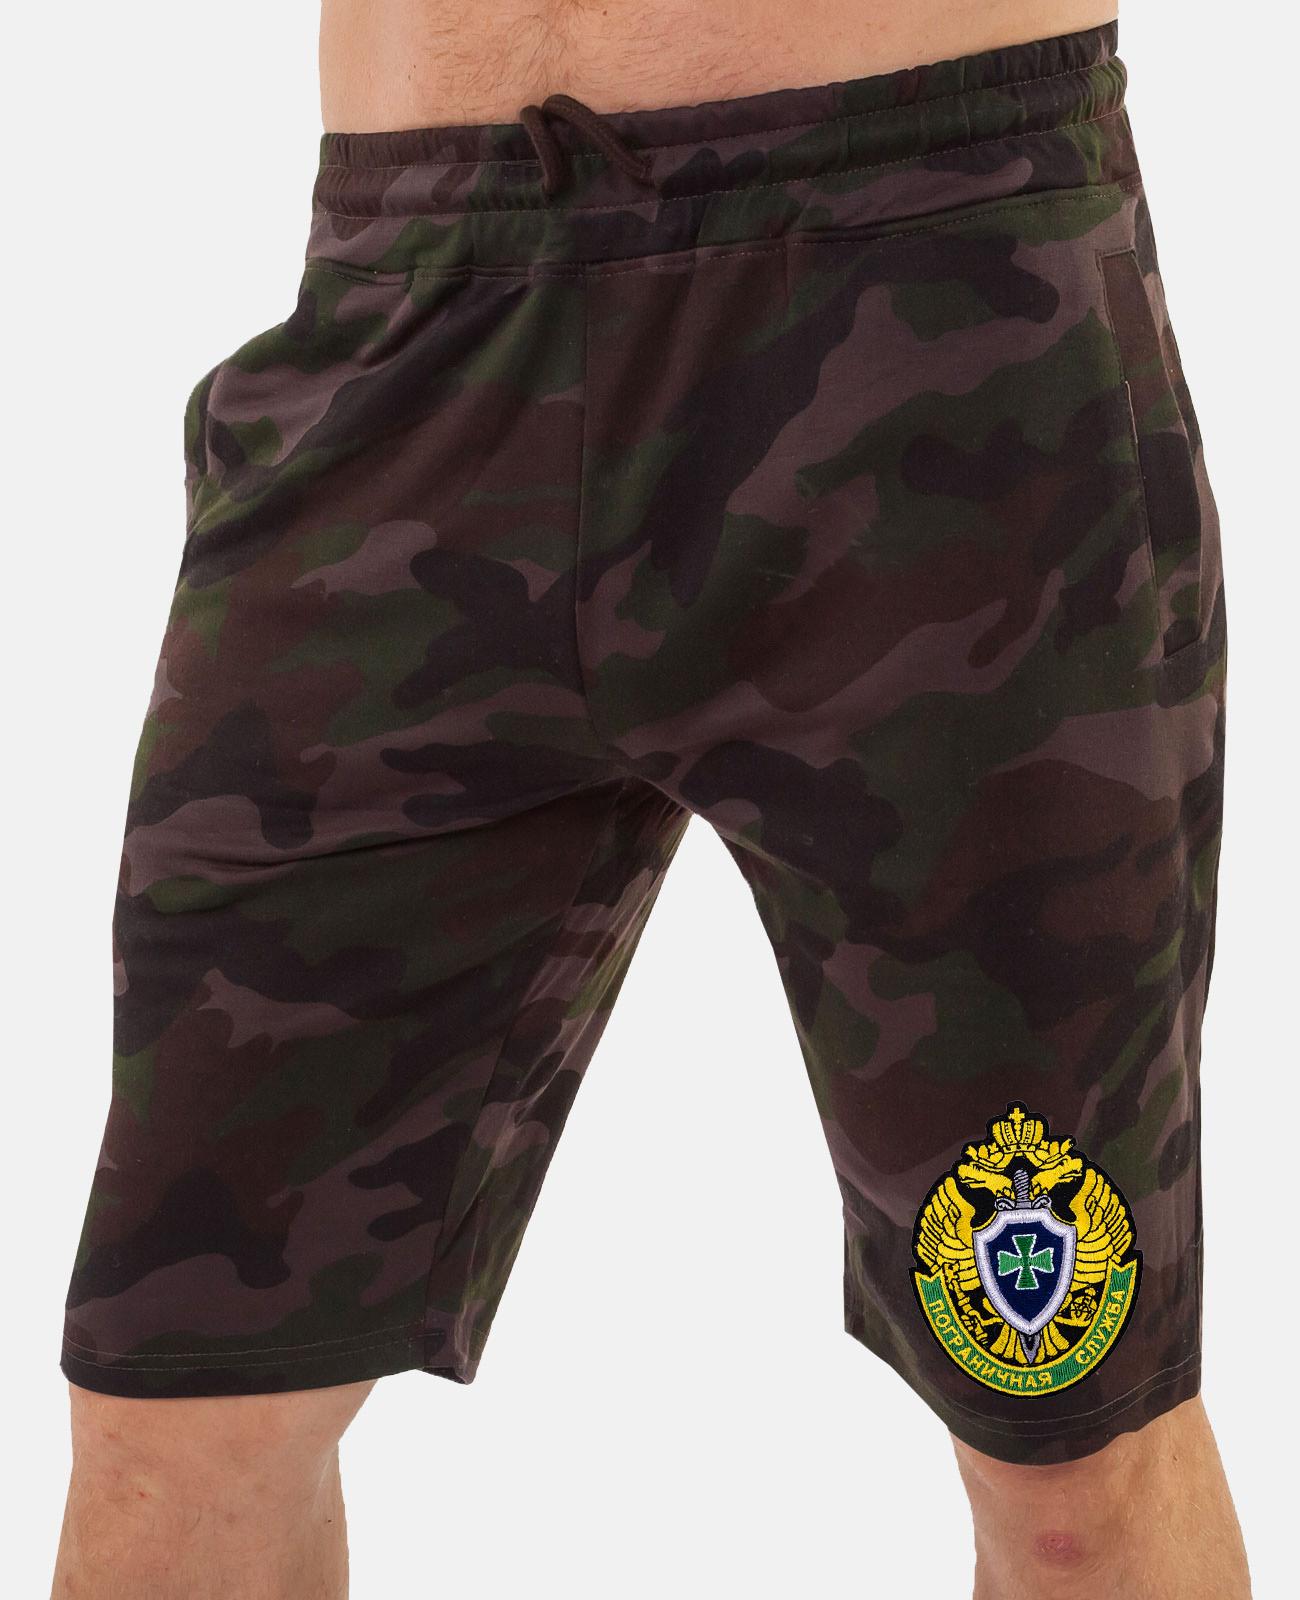 Мужские милитари шорты с эмблемой ПС купить в розницу или оптом